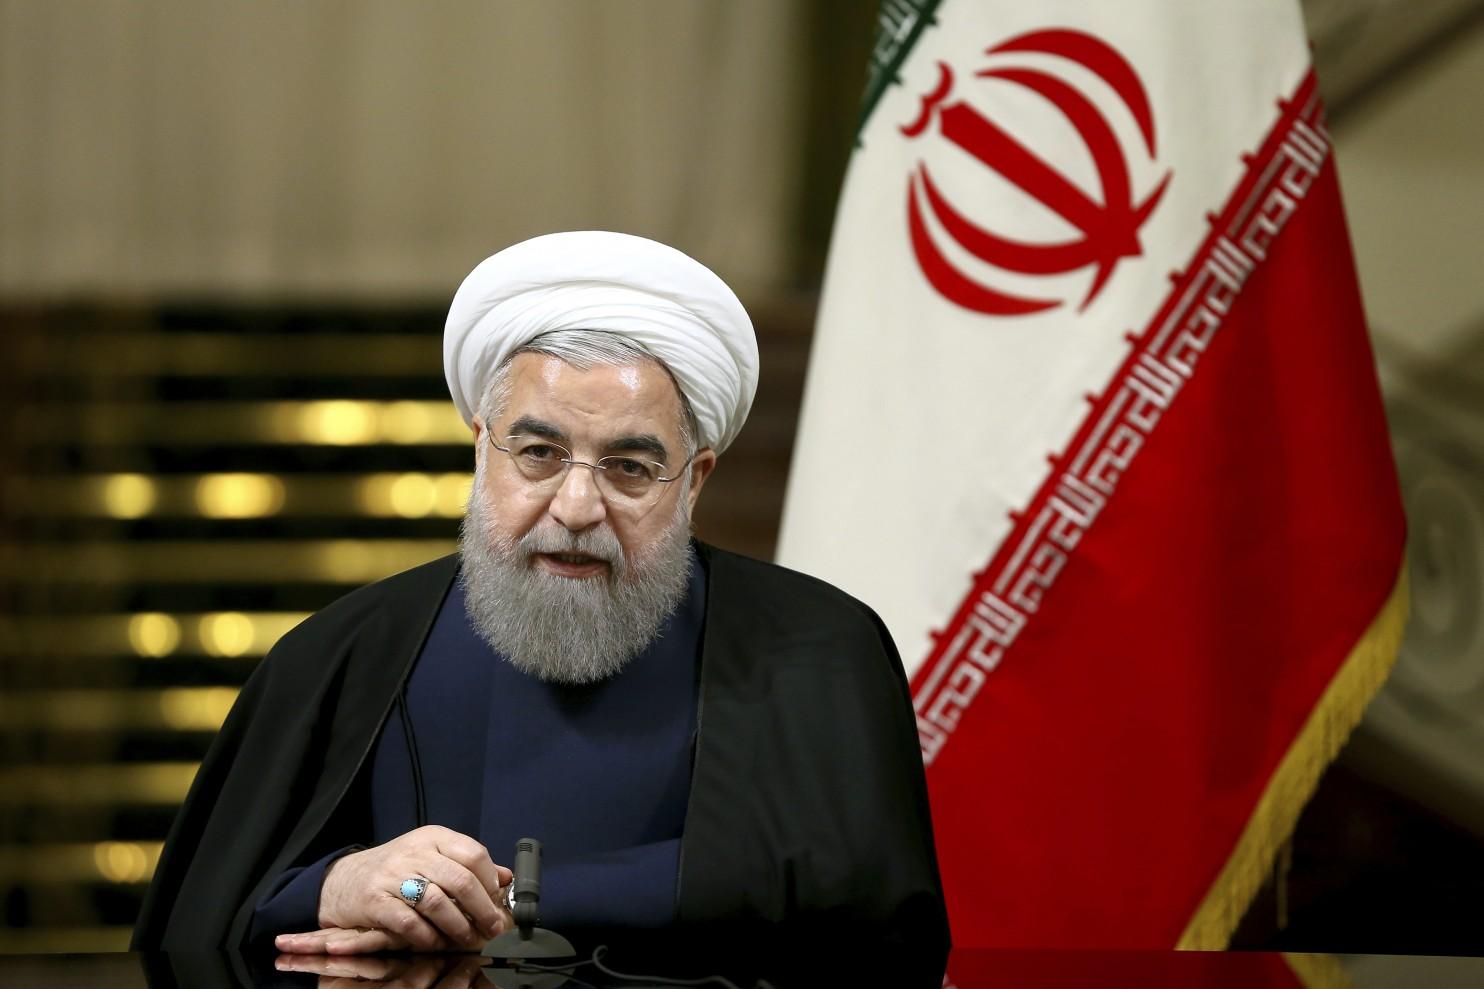 انتقاد حسن روحانی از سپاه به دلیل مخالفت با فعالیت تلگرام: چرا با تکنولوژی مخالف هستید؟